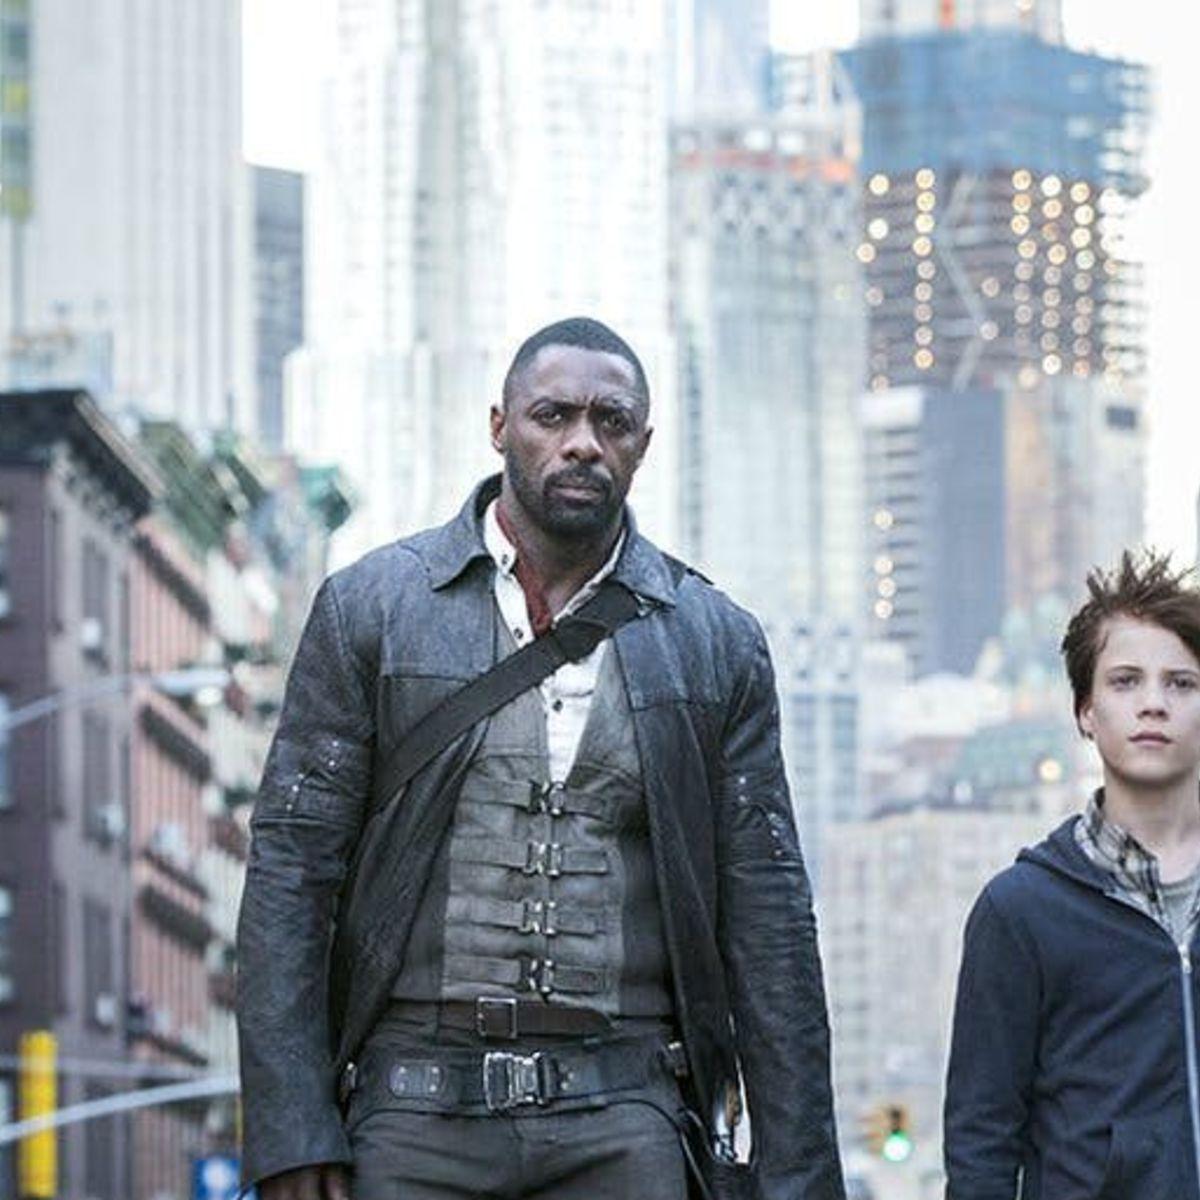 Roland Deschain will pursue the Man in Black in Dark Tower series at ...